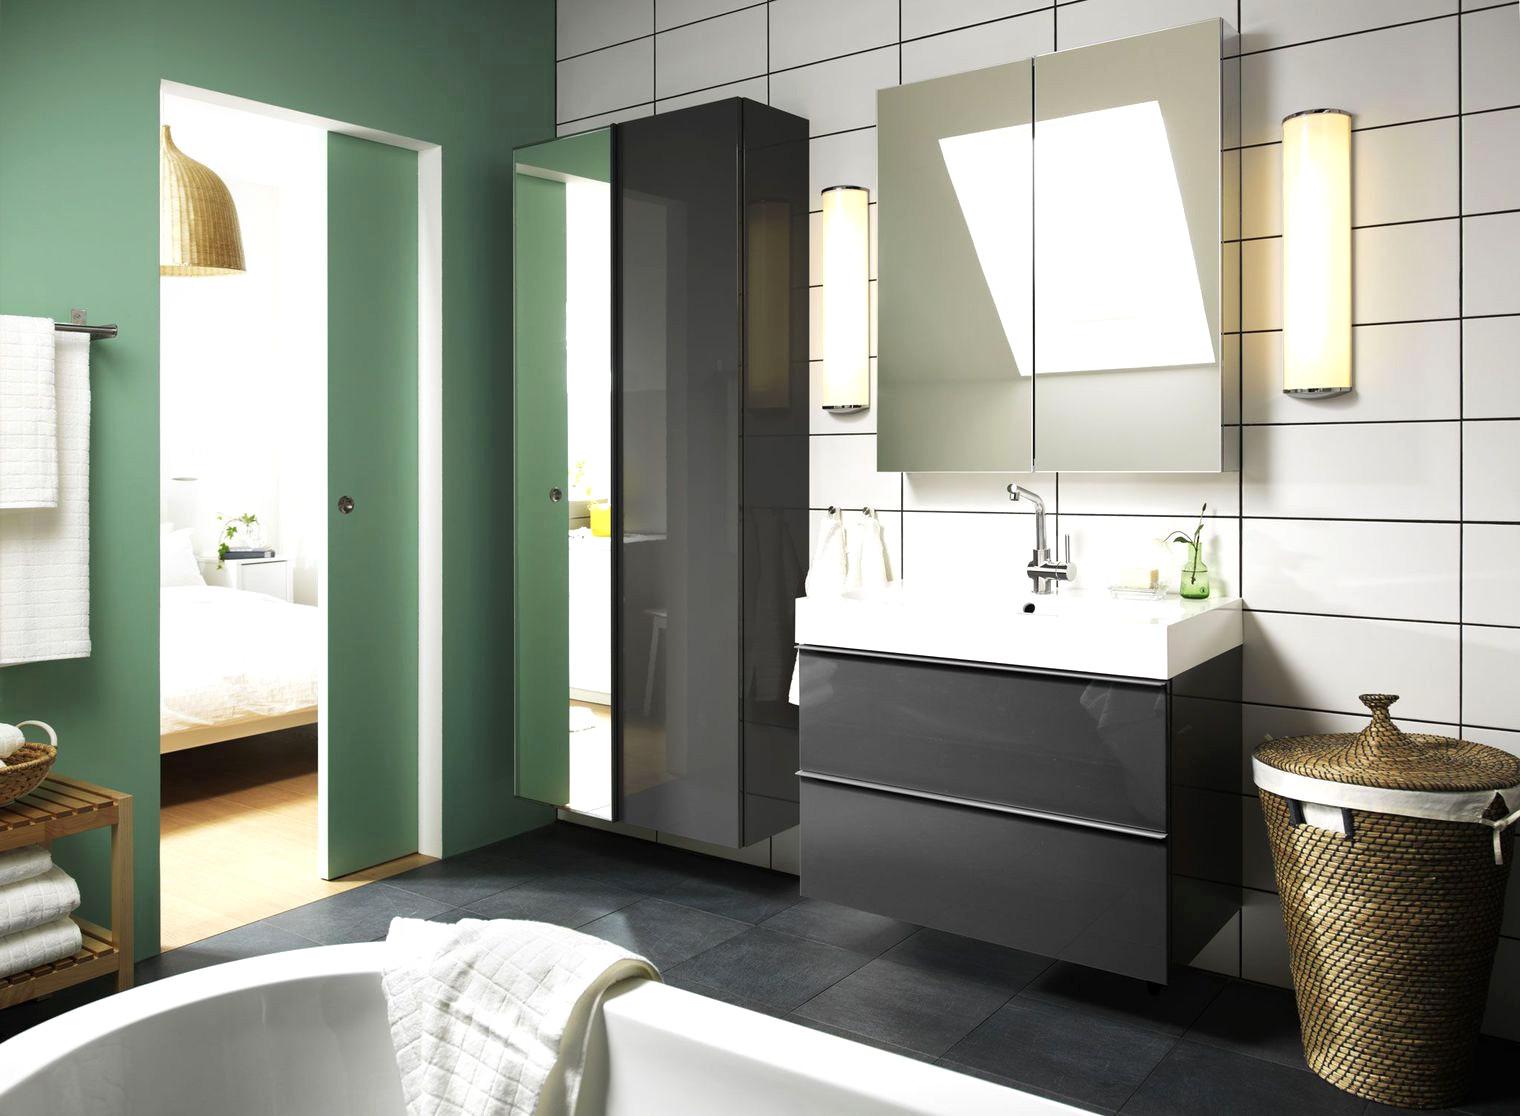 Ikea Vasque Salle De Bain Unique Photos Meuble Vasque Ikea Salle De Bain Meilleur De Lave Main Ikea Frais